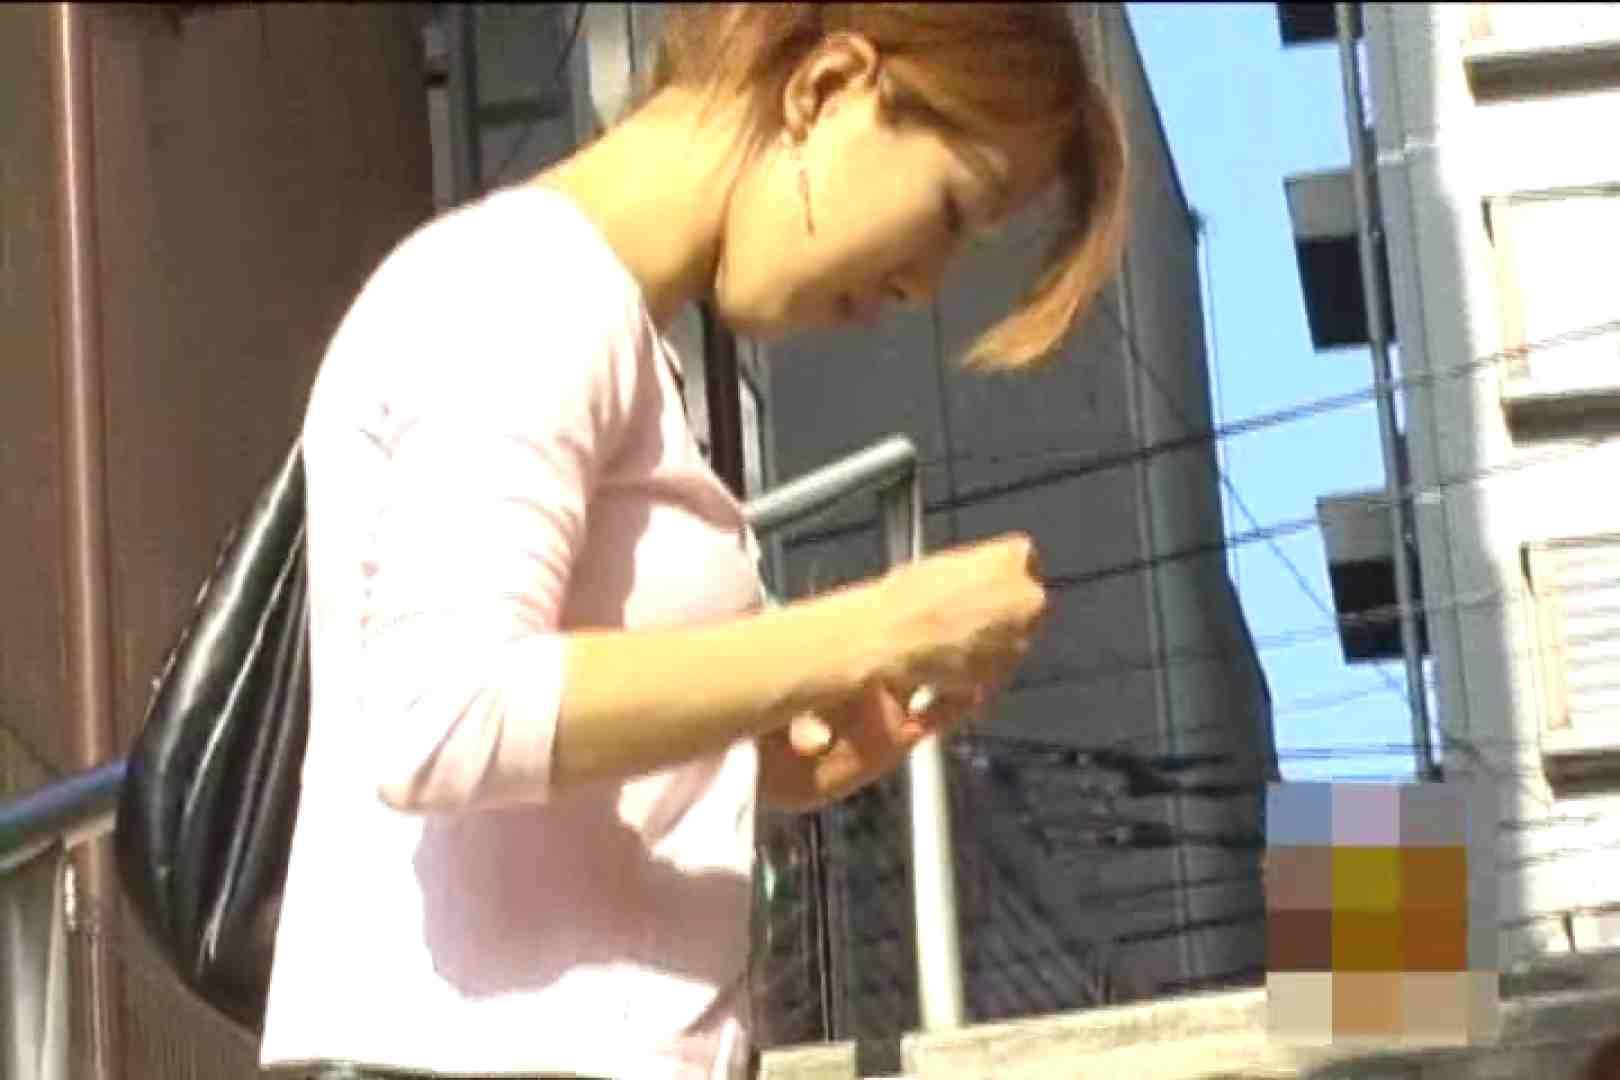 検証!隠し撮りスカートめくり!!Vol.3 美女OL  63連発 22